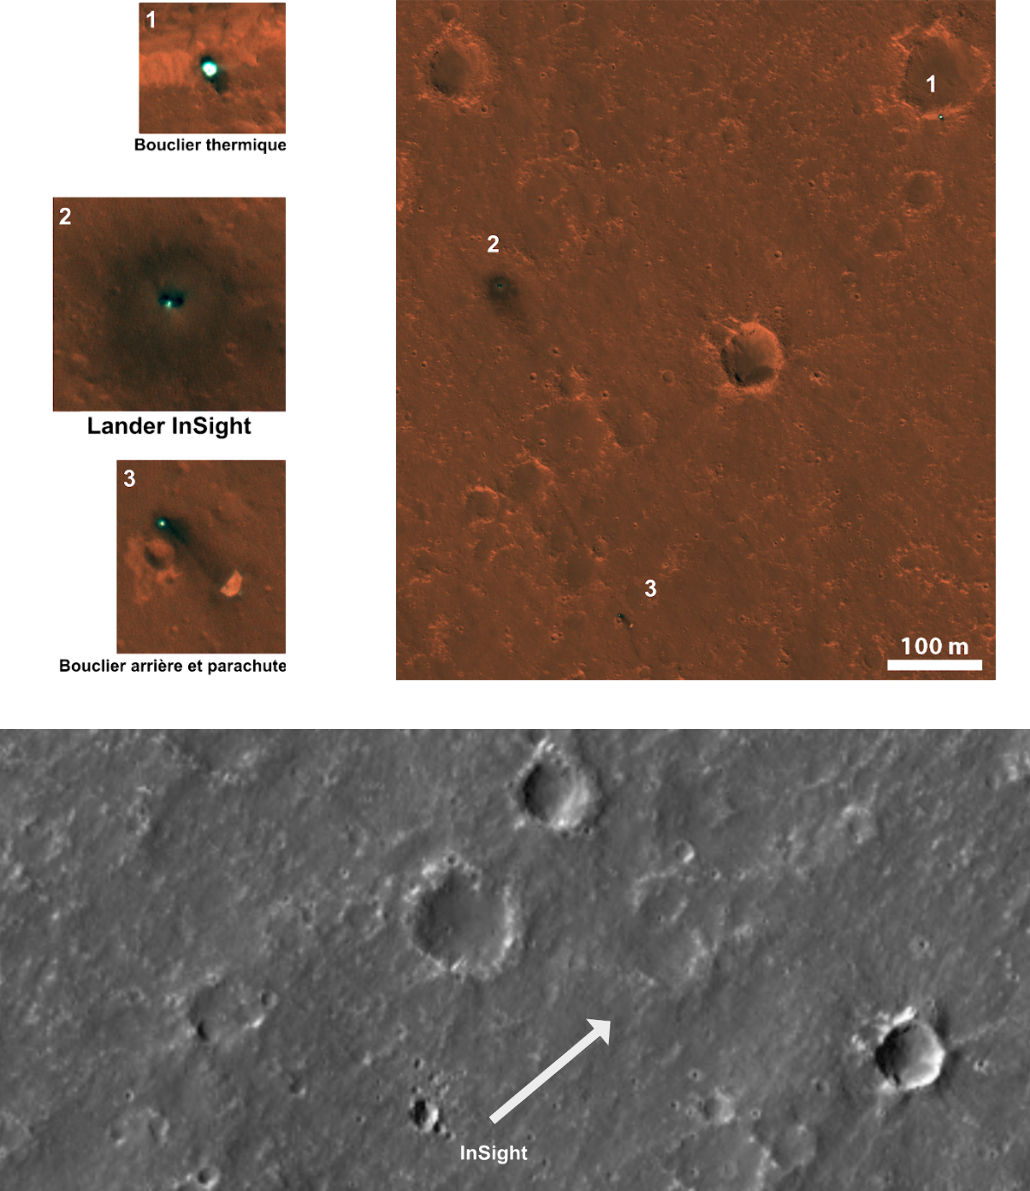 On a retrouvé la sonde InSight sur Mars !